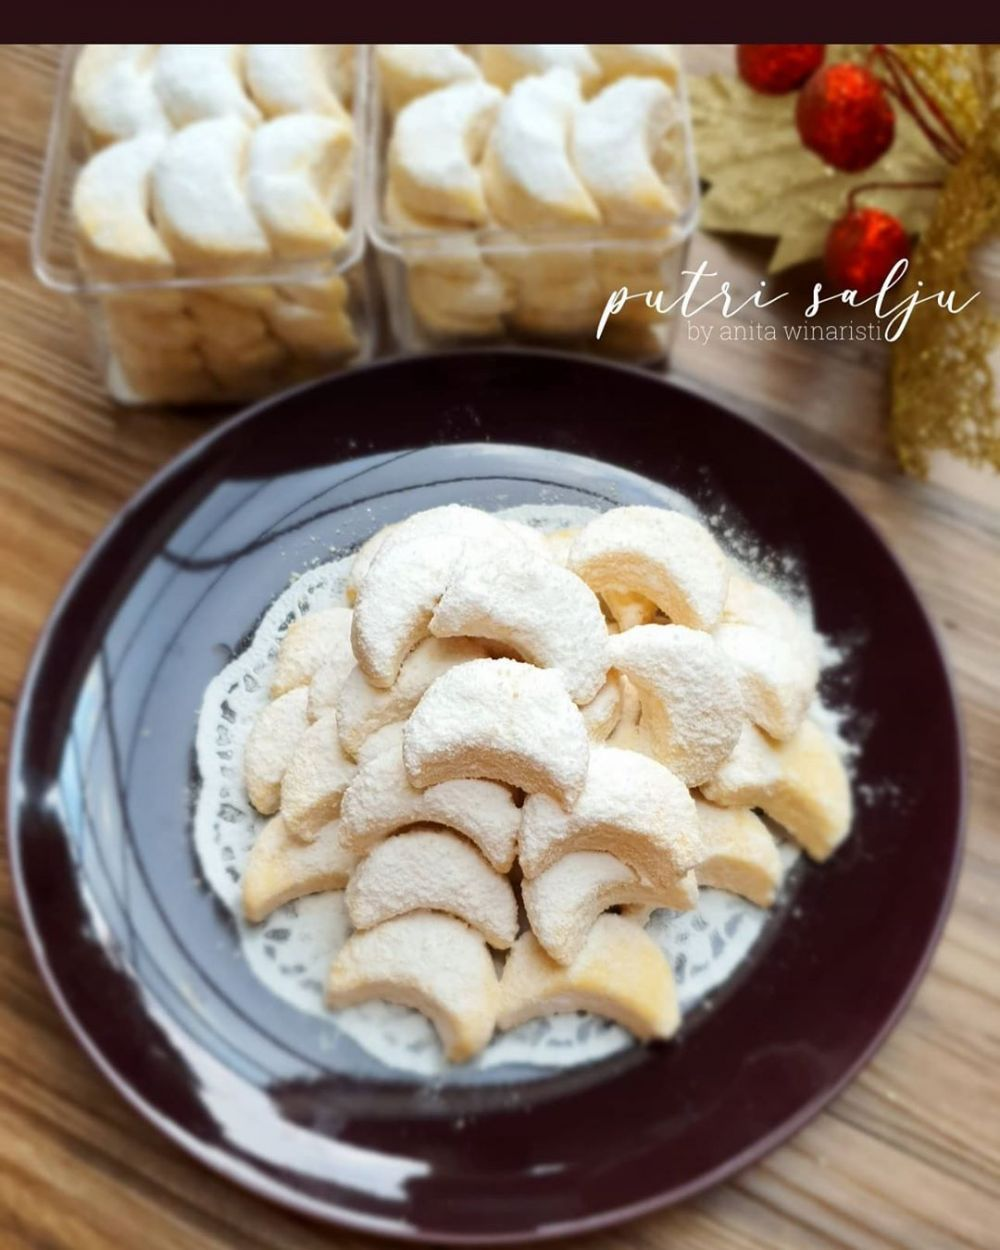 Resep Camilan Lebaran Berbagai Sumber Resep Masakan Natal Camilan Resep Makanan Penutup